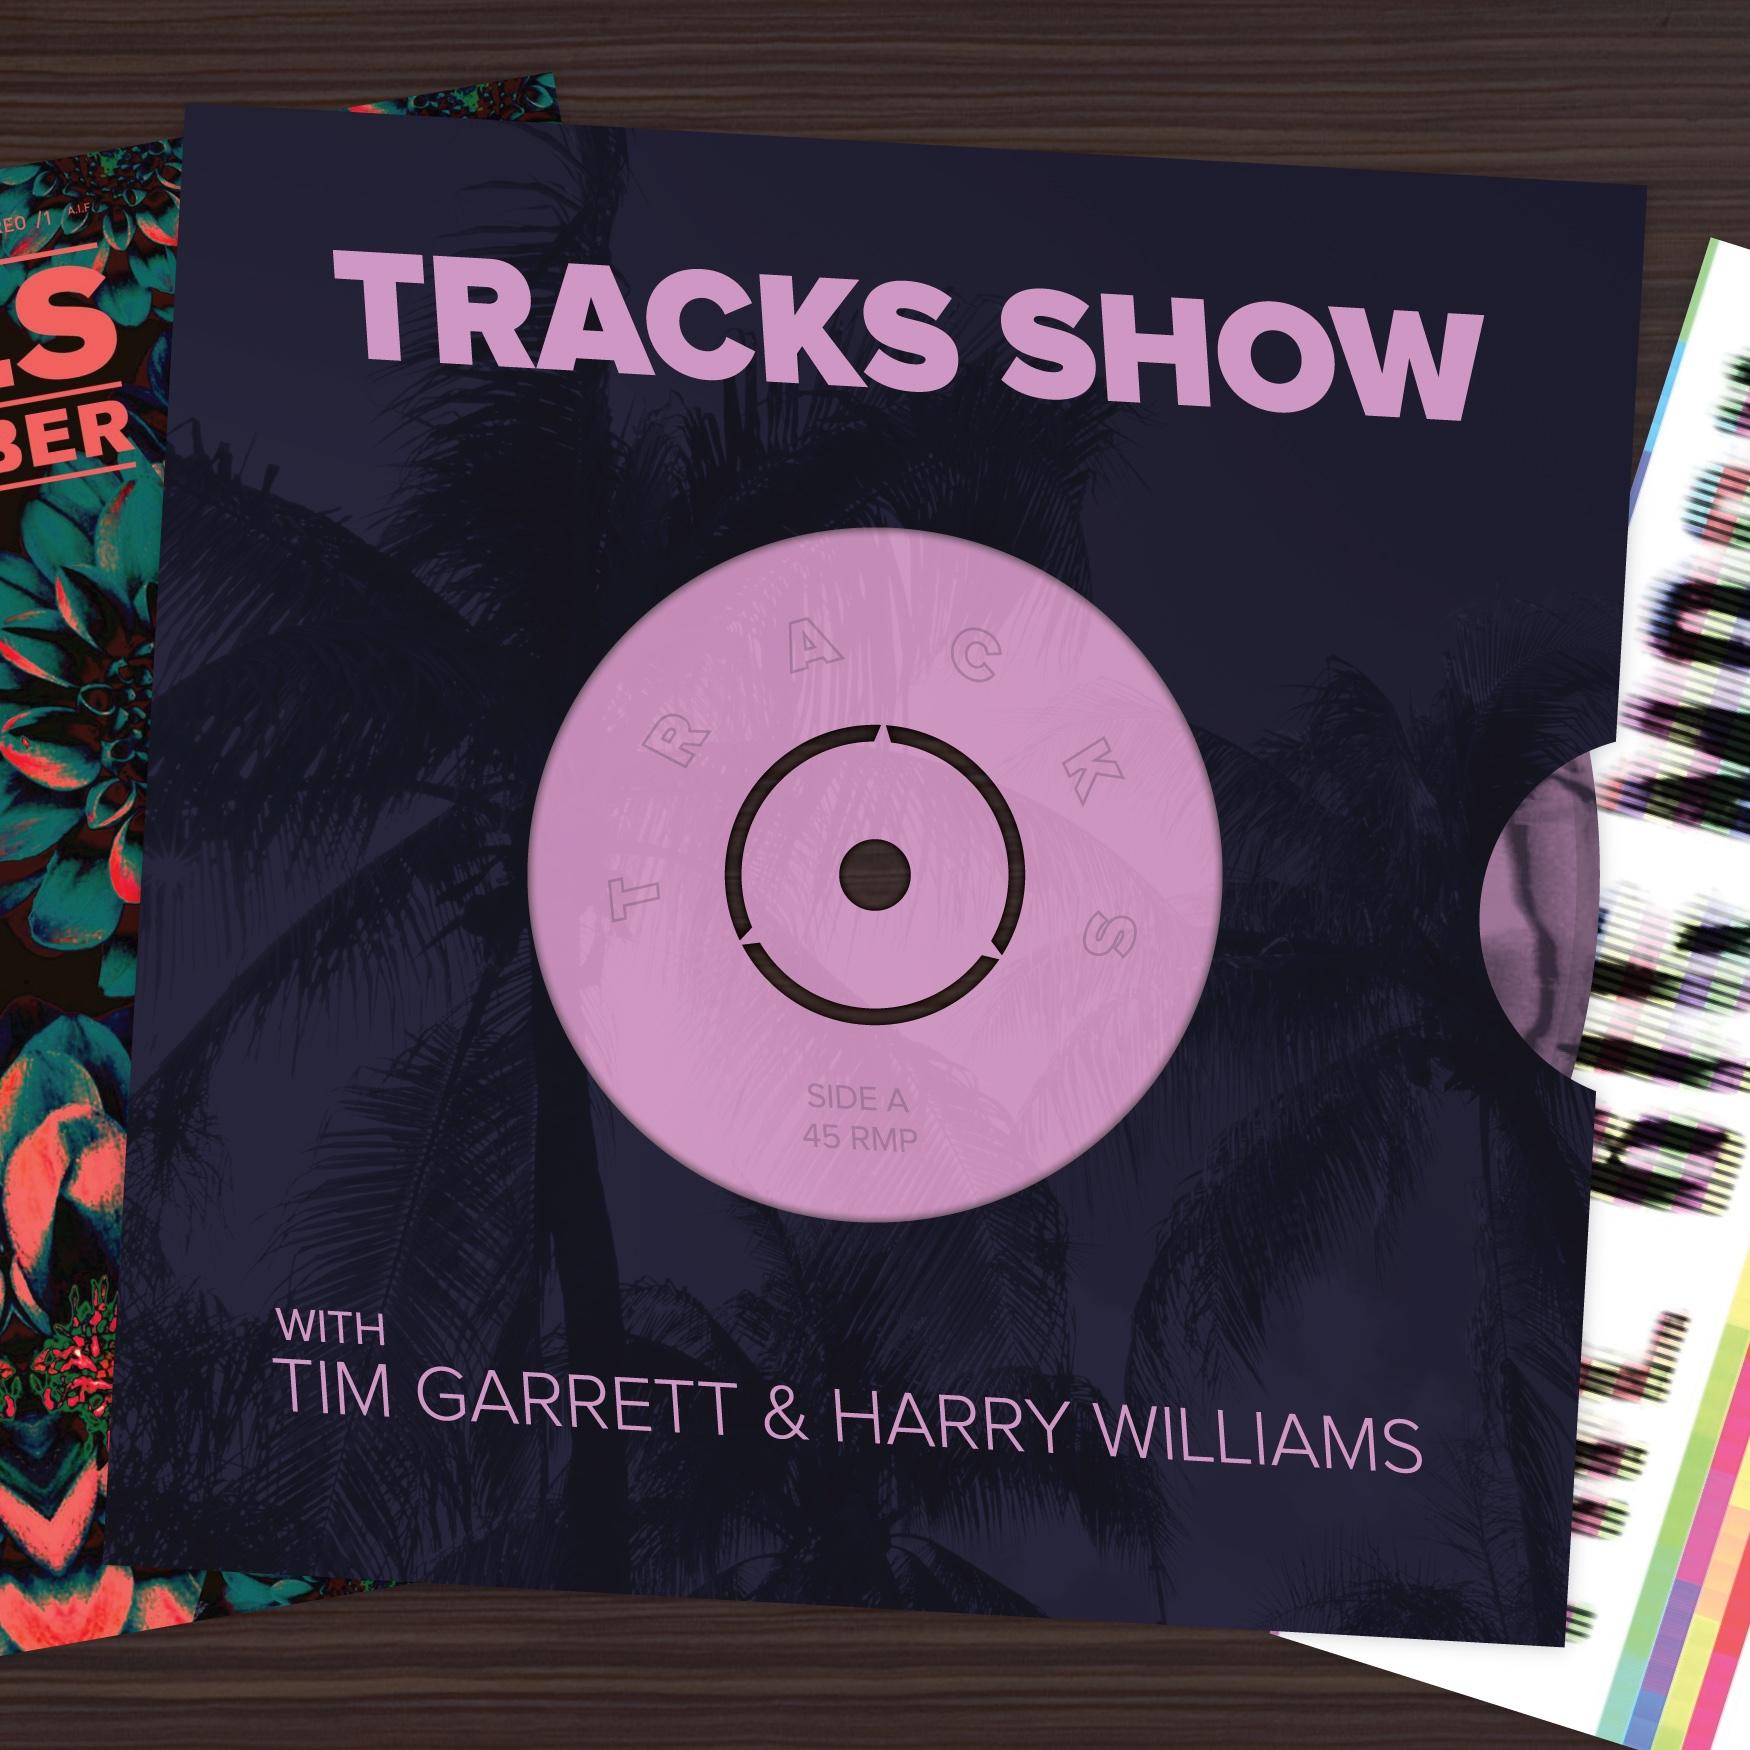 Tracks Show